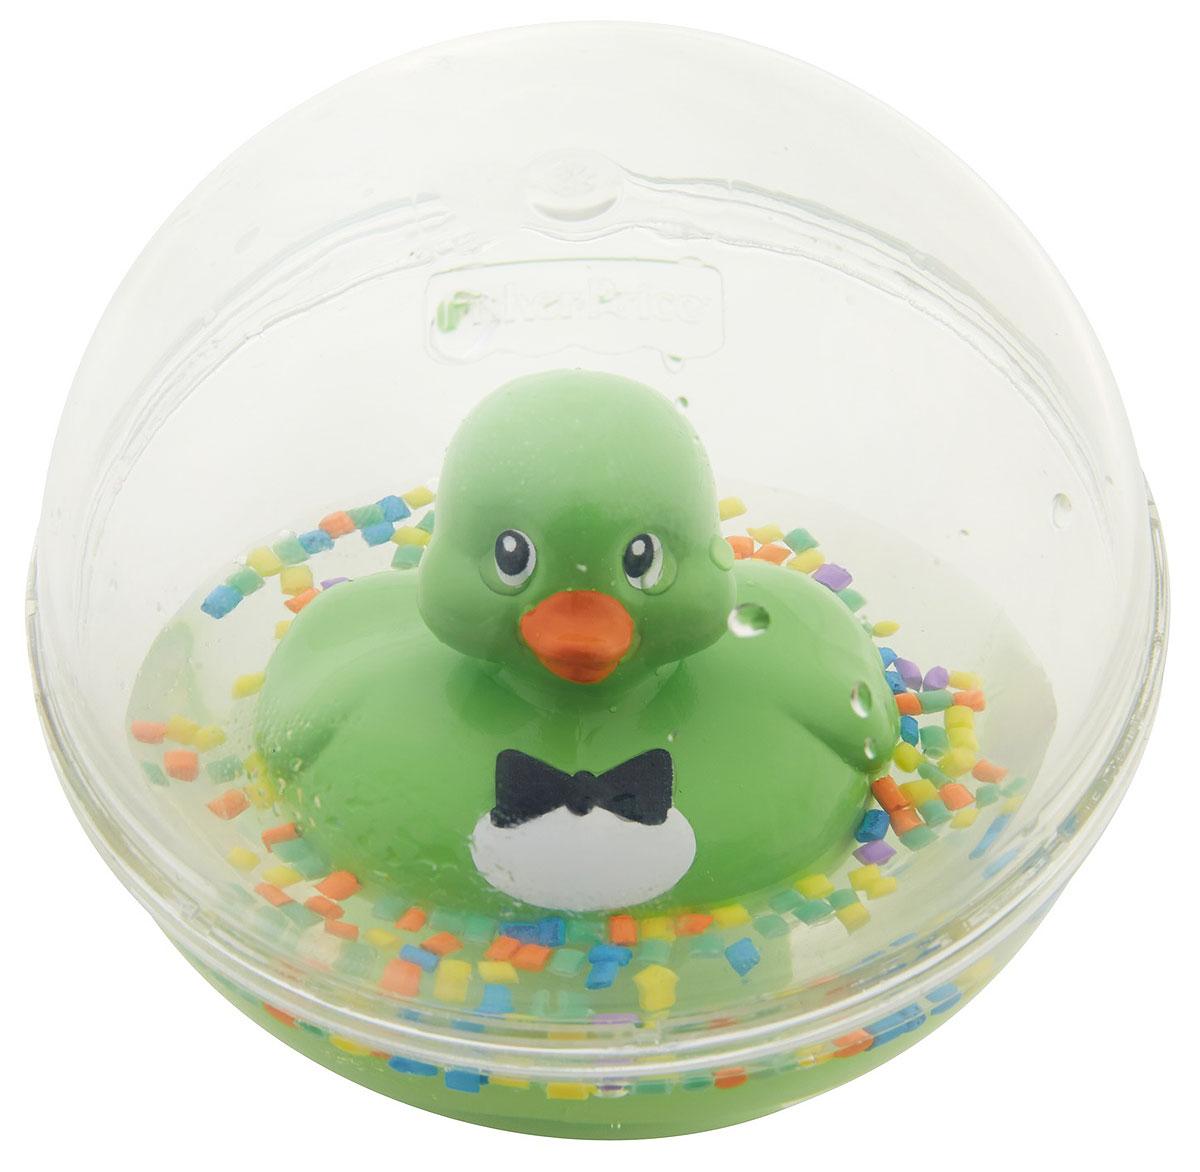 Fisher-Price Развивающая игрушка Уточка цвет зеленый развивающая игрушка fisher price мягкая книжка в ассортименте